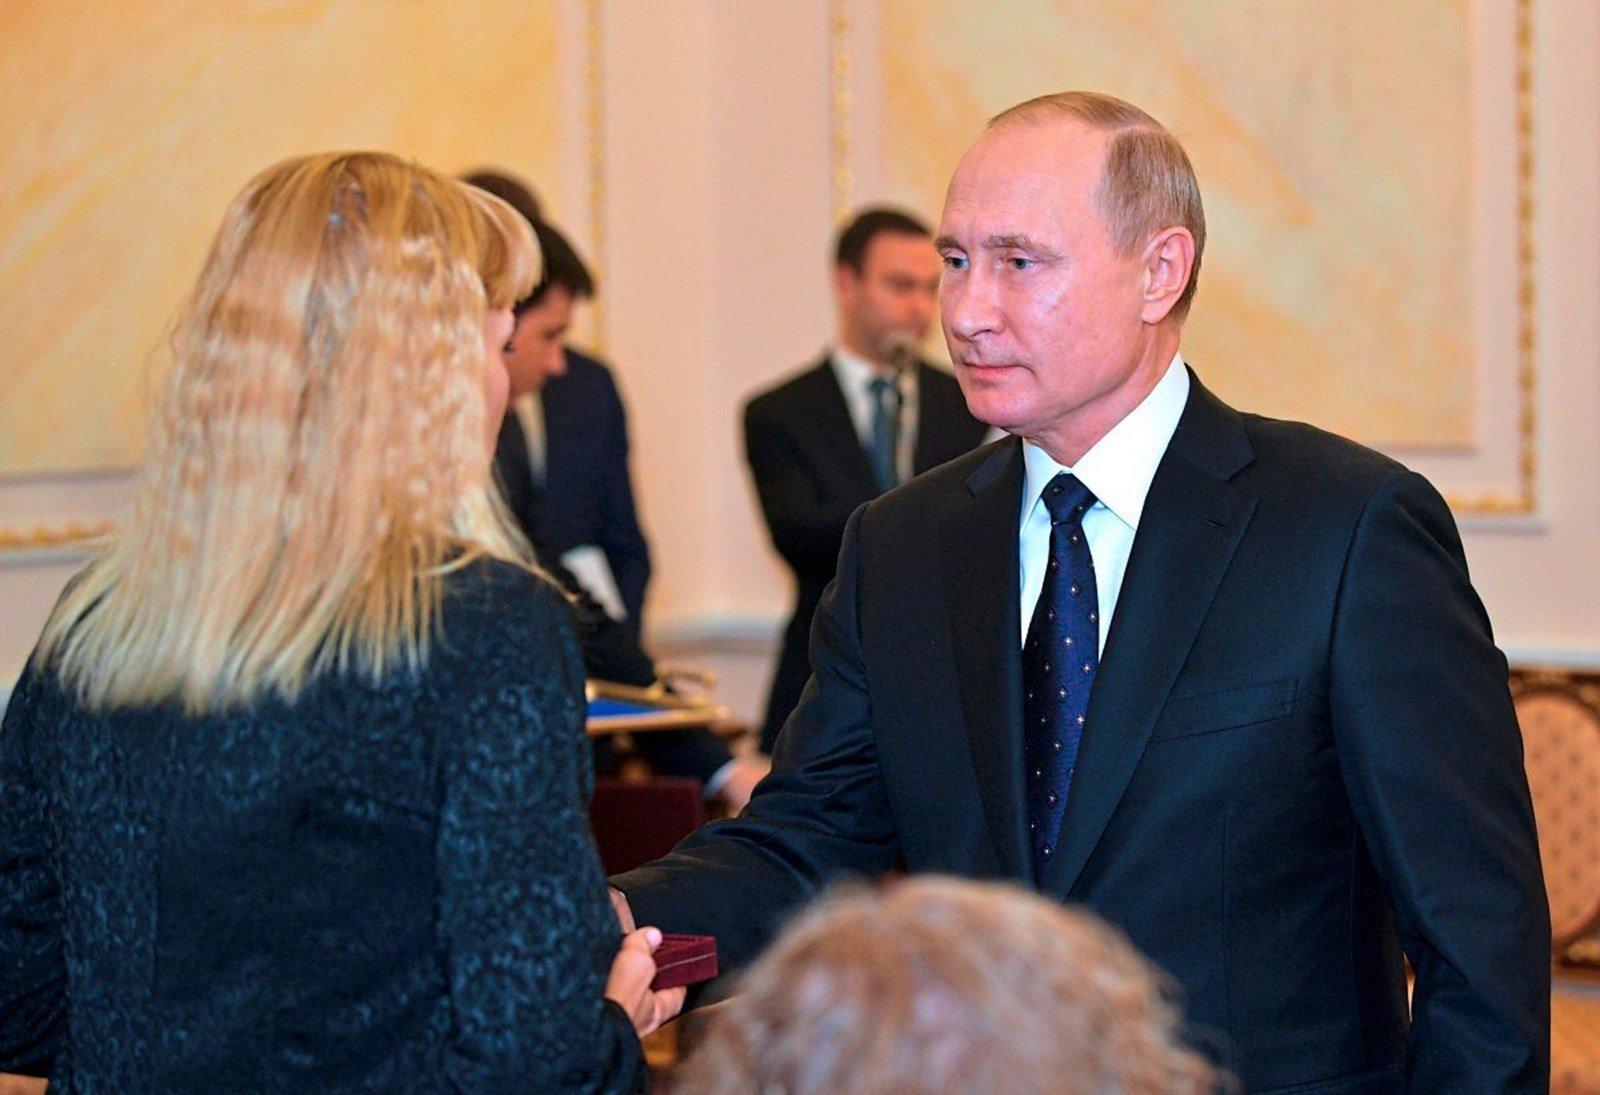 СМИ Австрии: Путин готовит новое оружие, чтобы гарантировать мир во всем мире